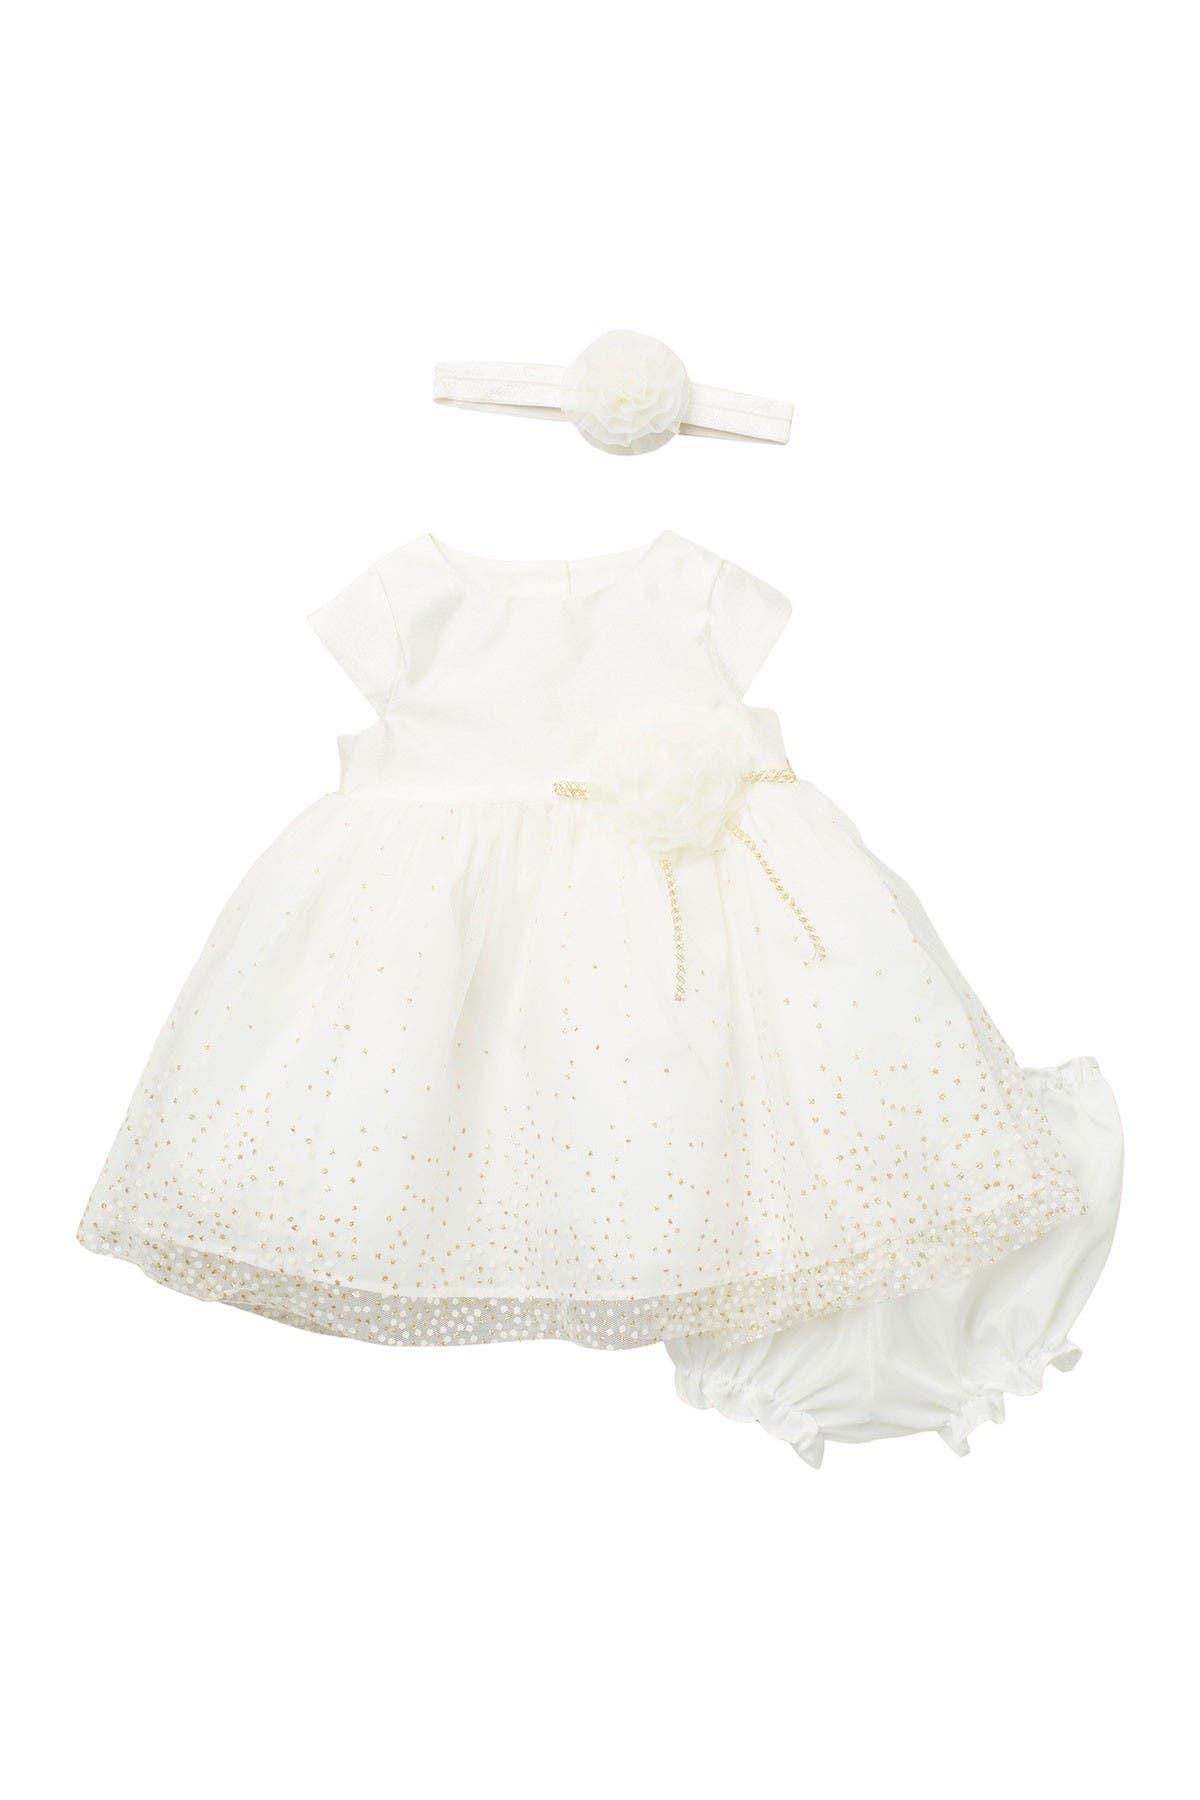 Image of Pippa & Julie Rosette Waist Dress 3-Piece Set